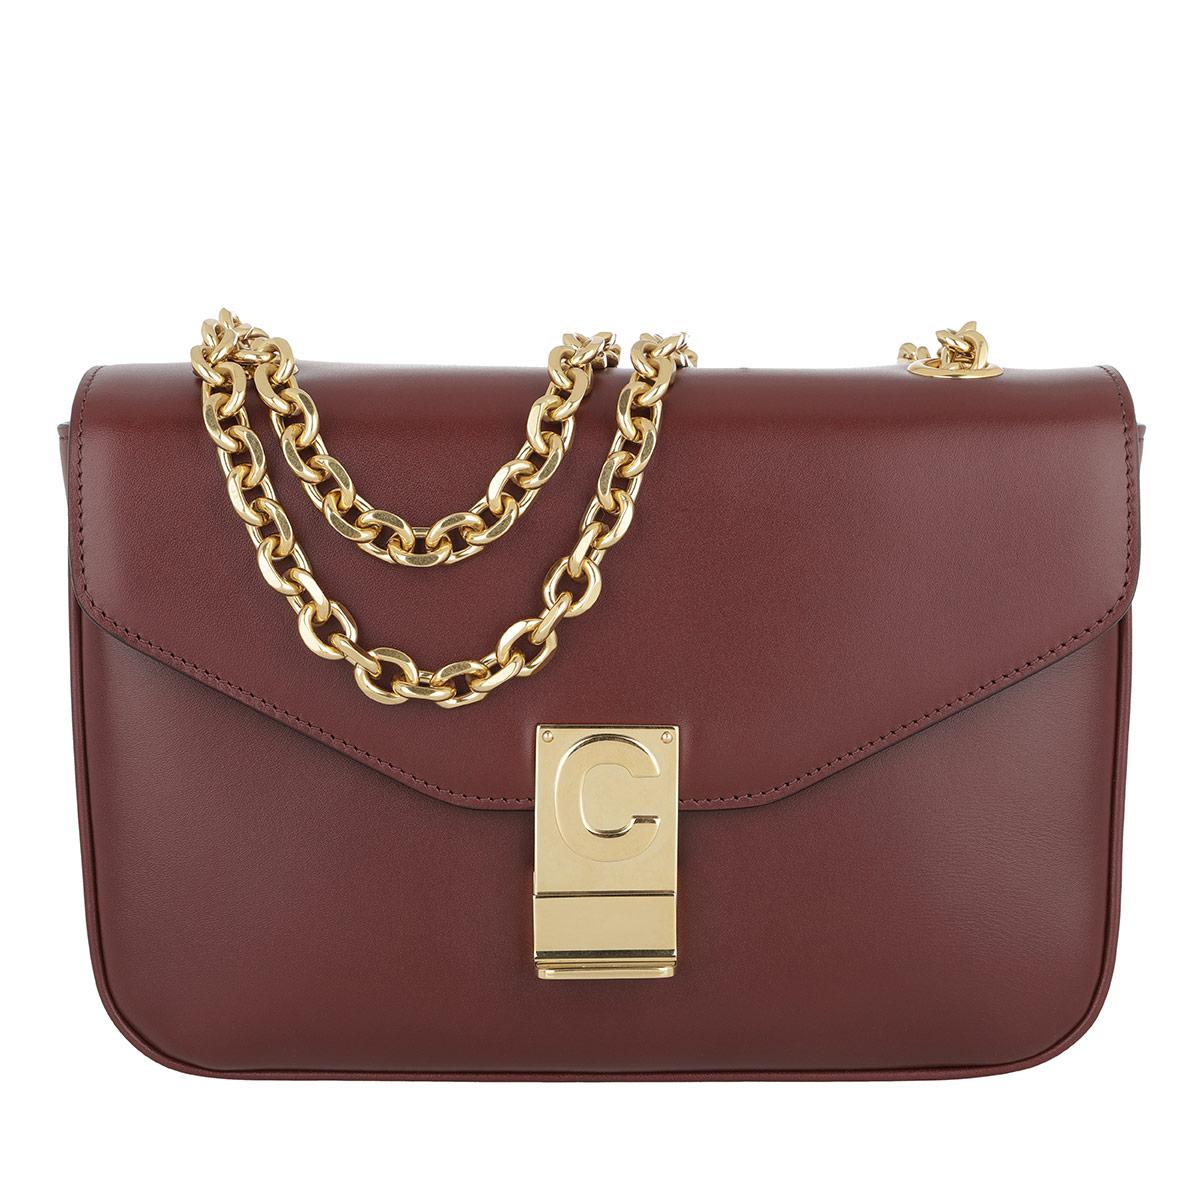 Celine Umhängetasche - C Bag Medium Calfskin Burgundy - in rot - für Damen